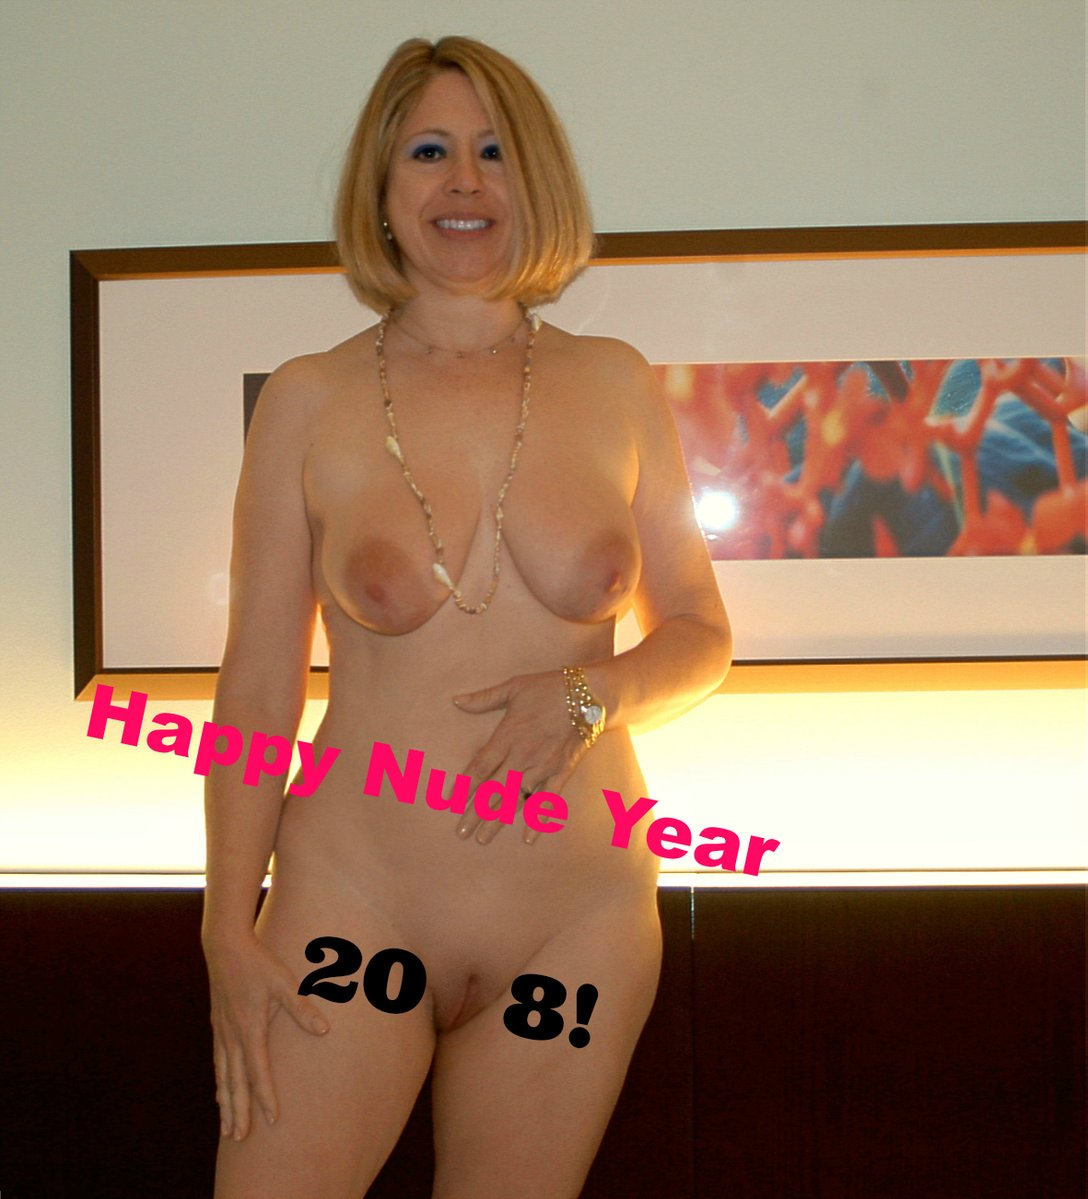 Mary nudist photos